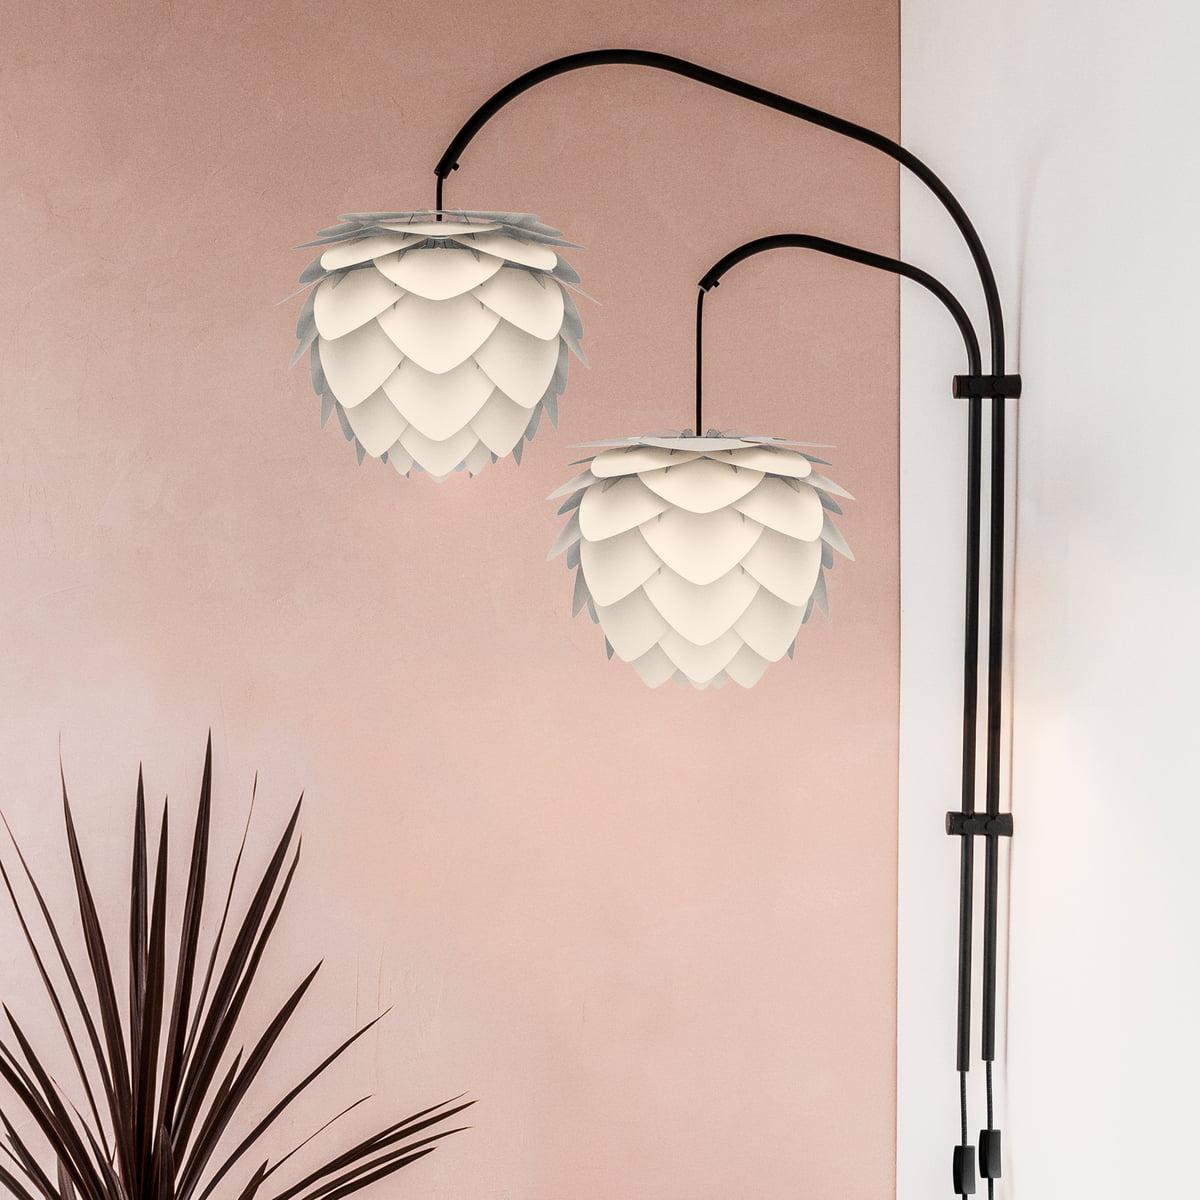 willow wandhalterung von vita. Black Bedroom Furniture Sets. Home Design Ideas